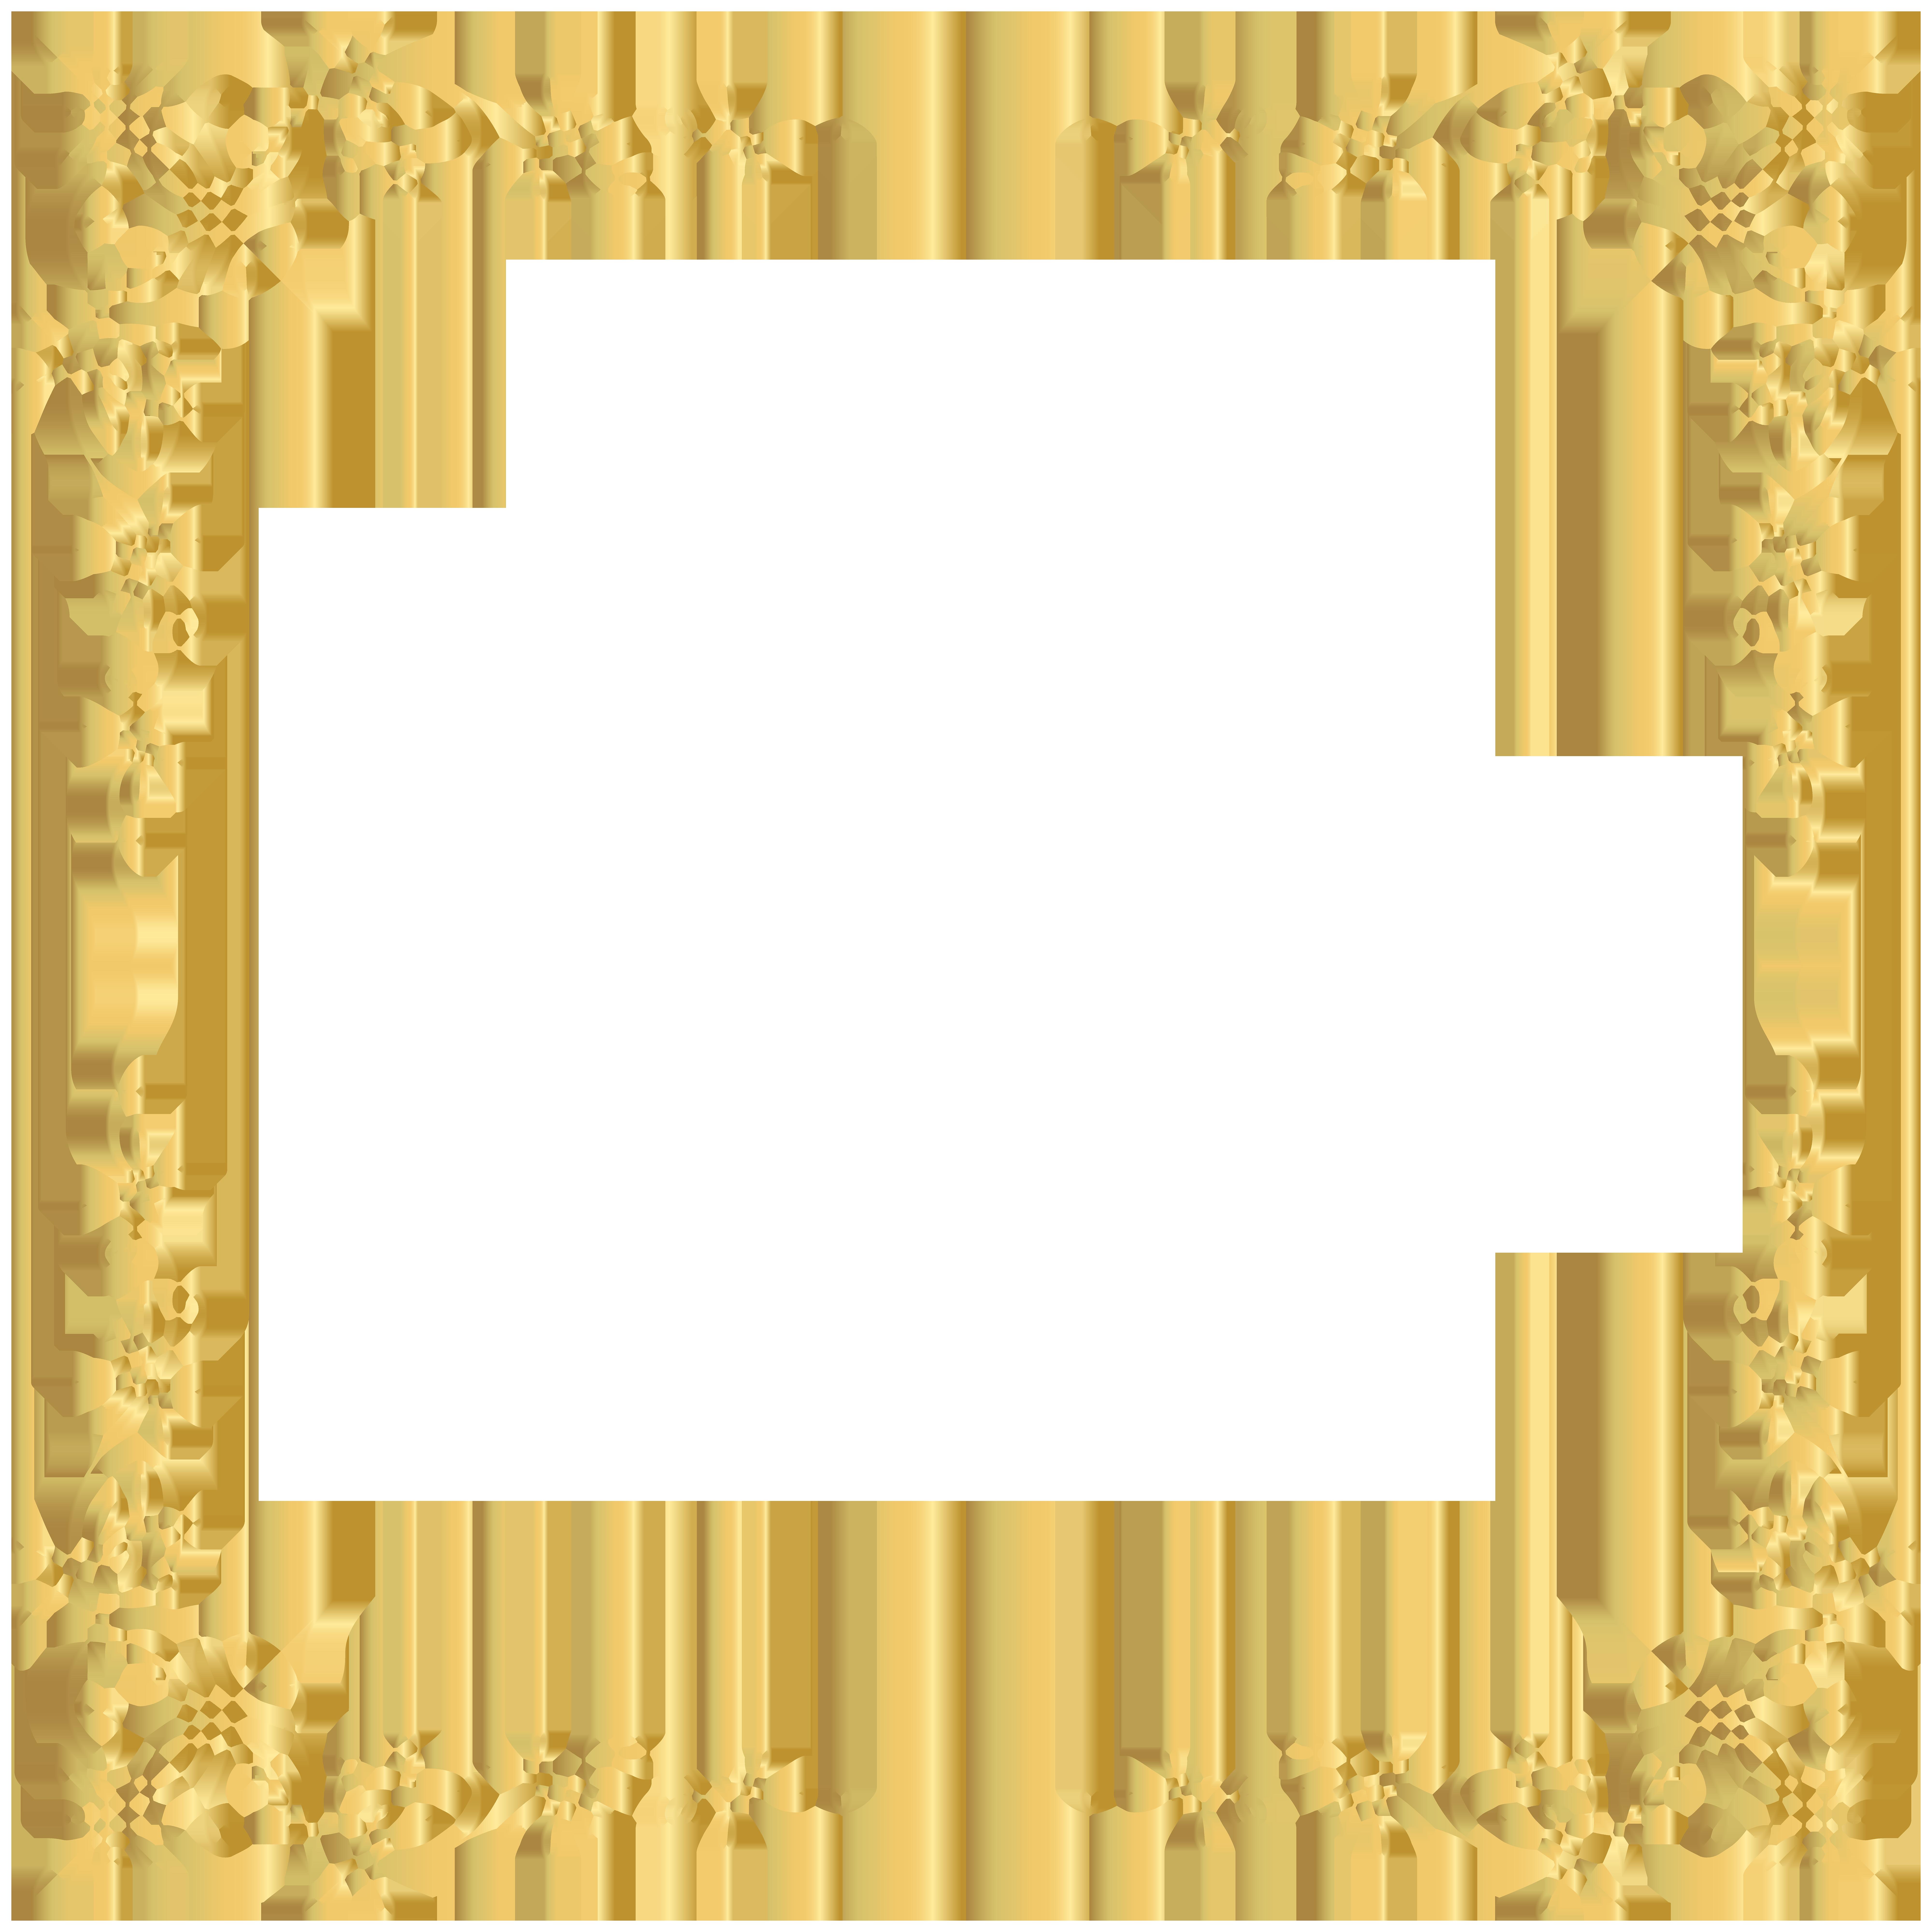 Golden Border Transparent PNG Image.